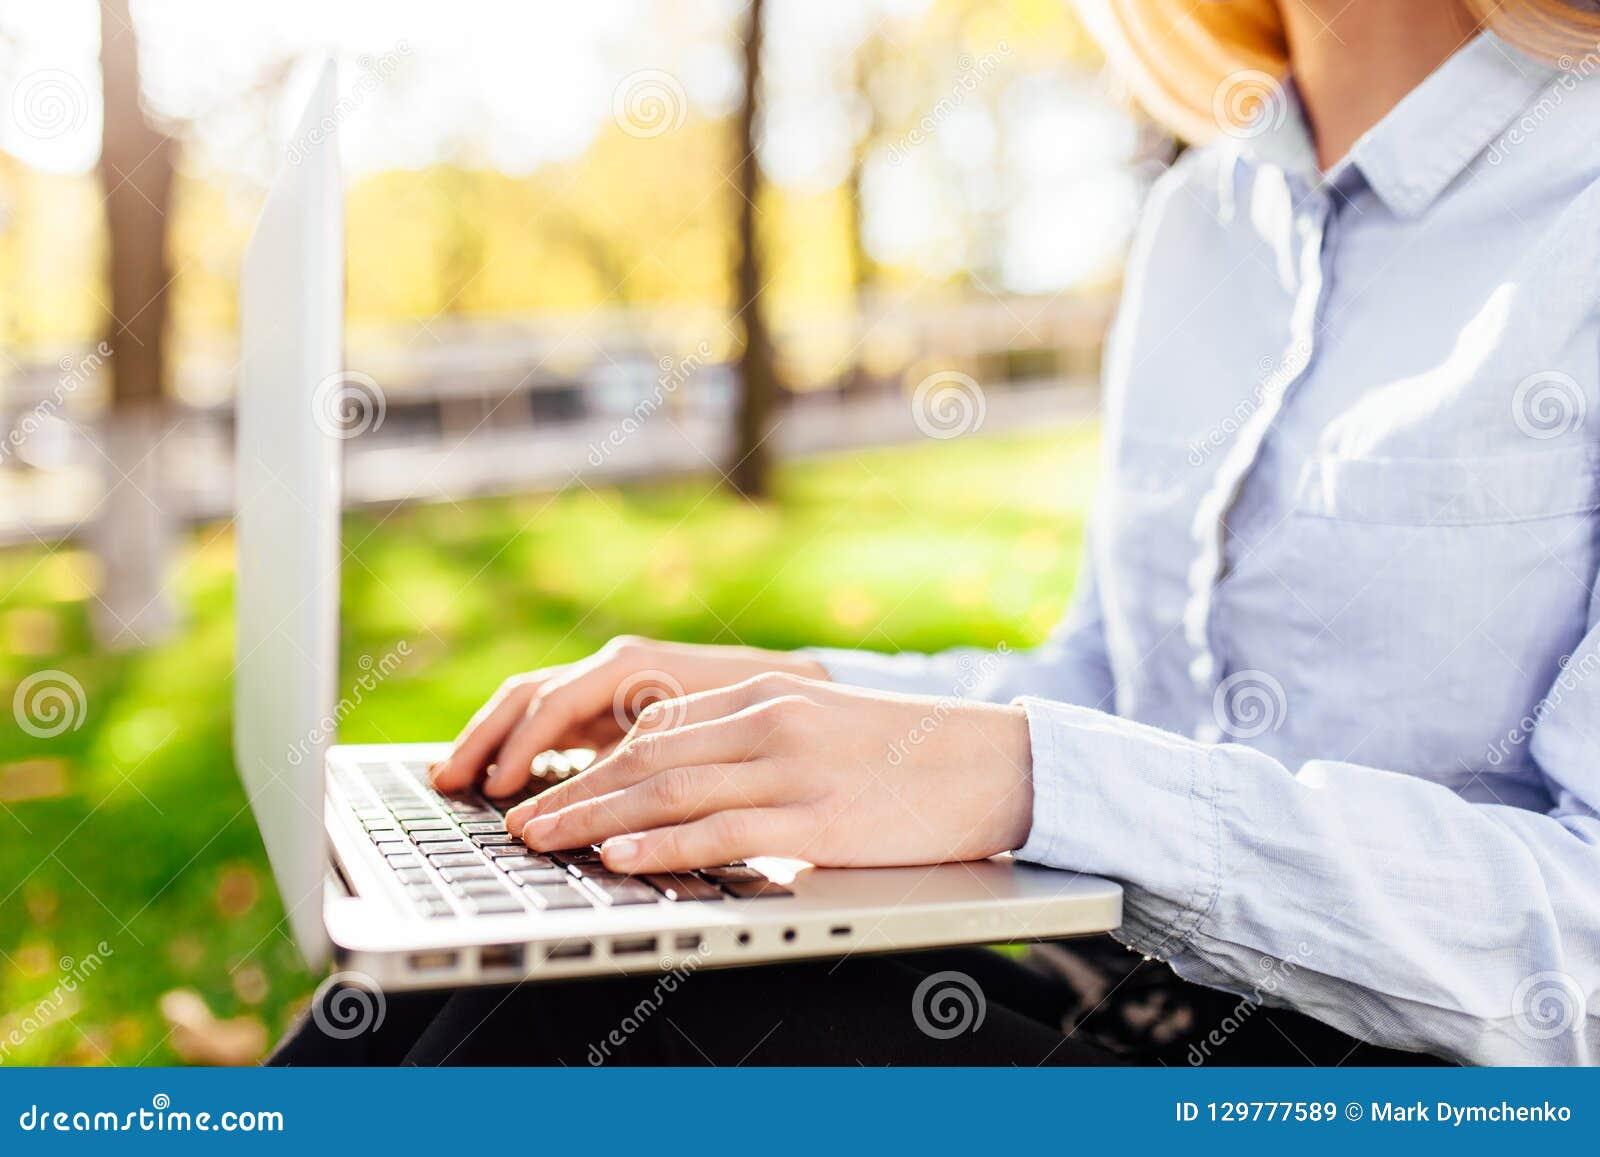 女孩研究膝上型计算机的,手在公园键入文本,特写镜头